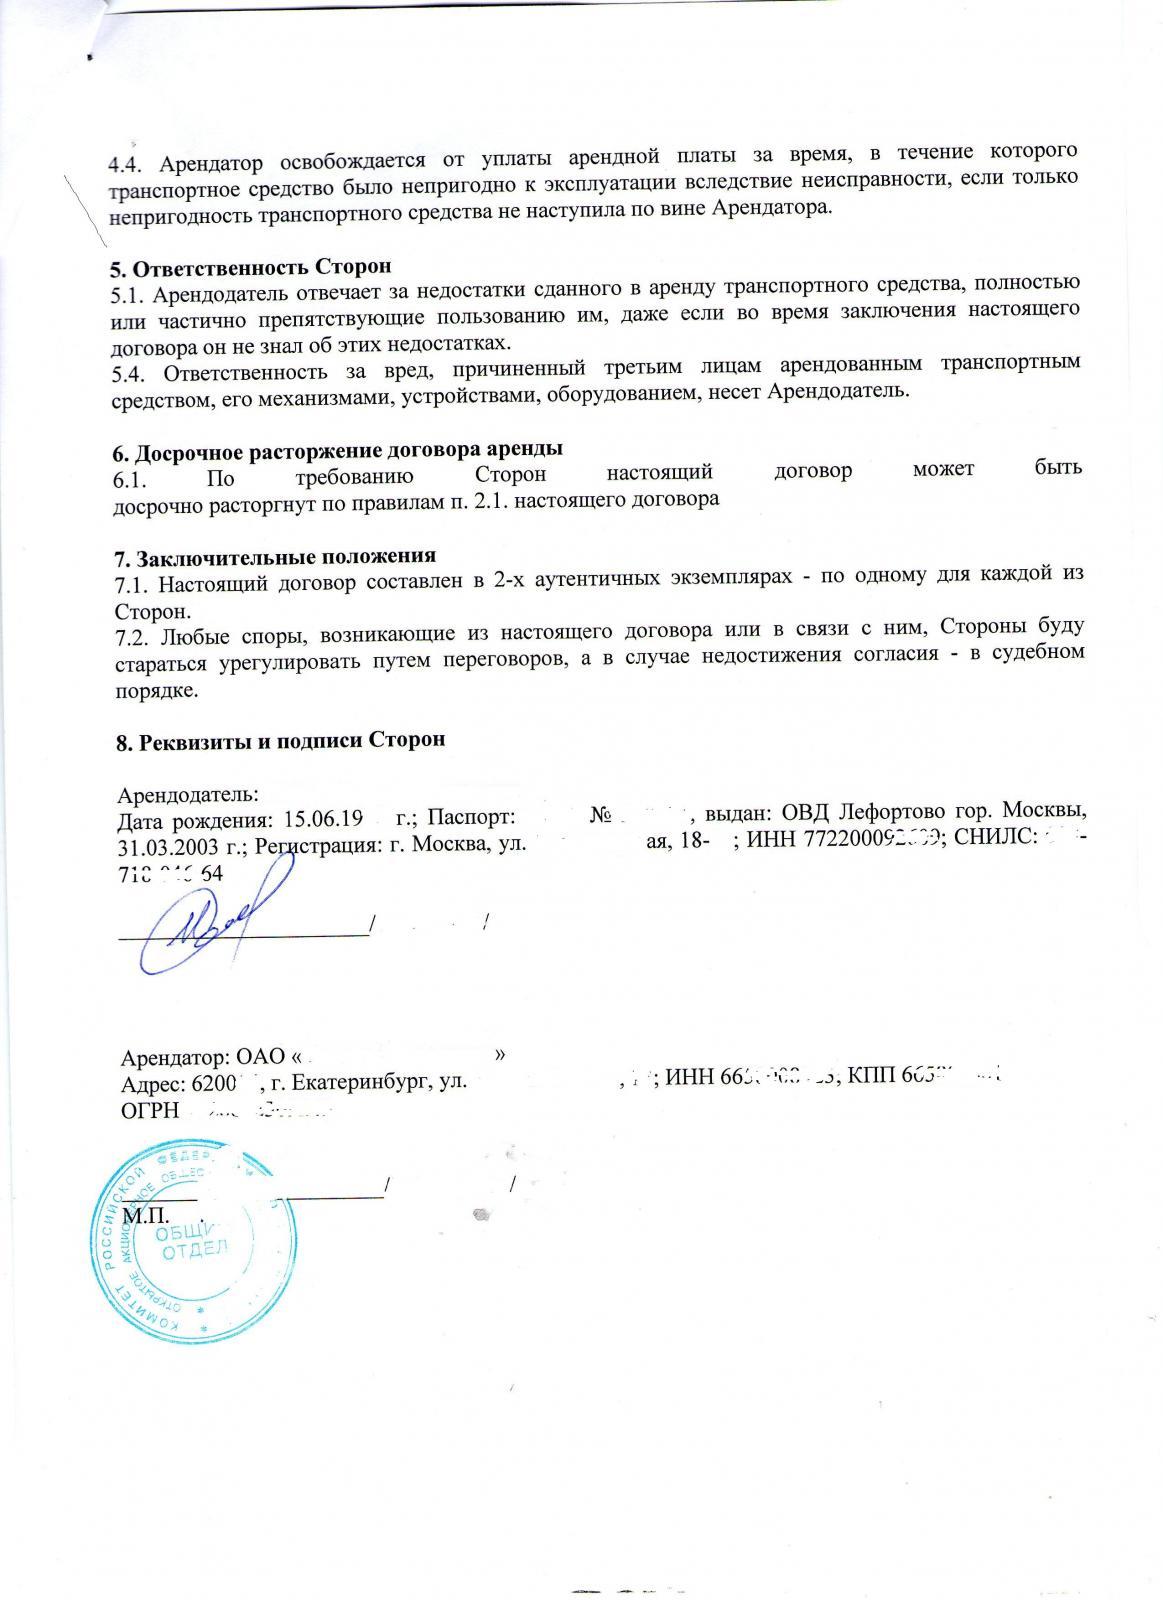 бланк договора аренды авто